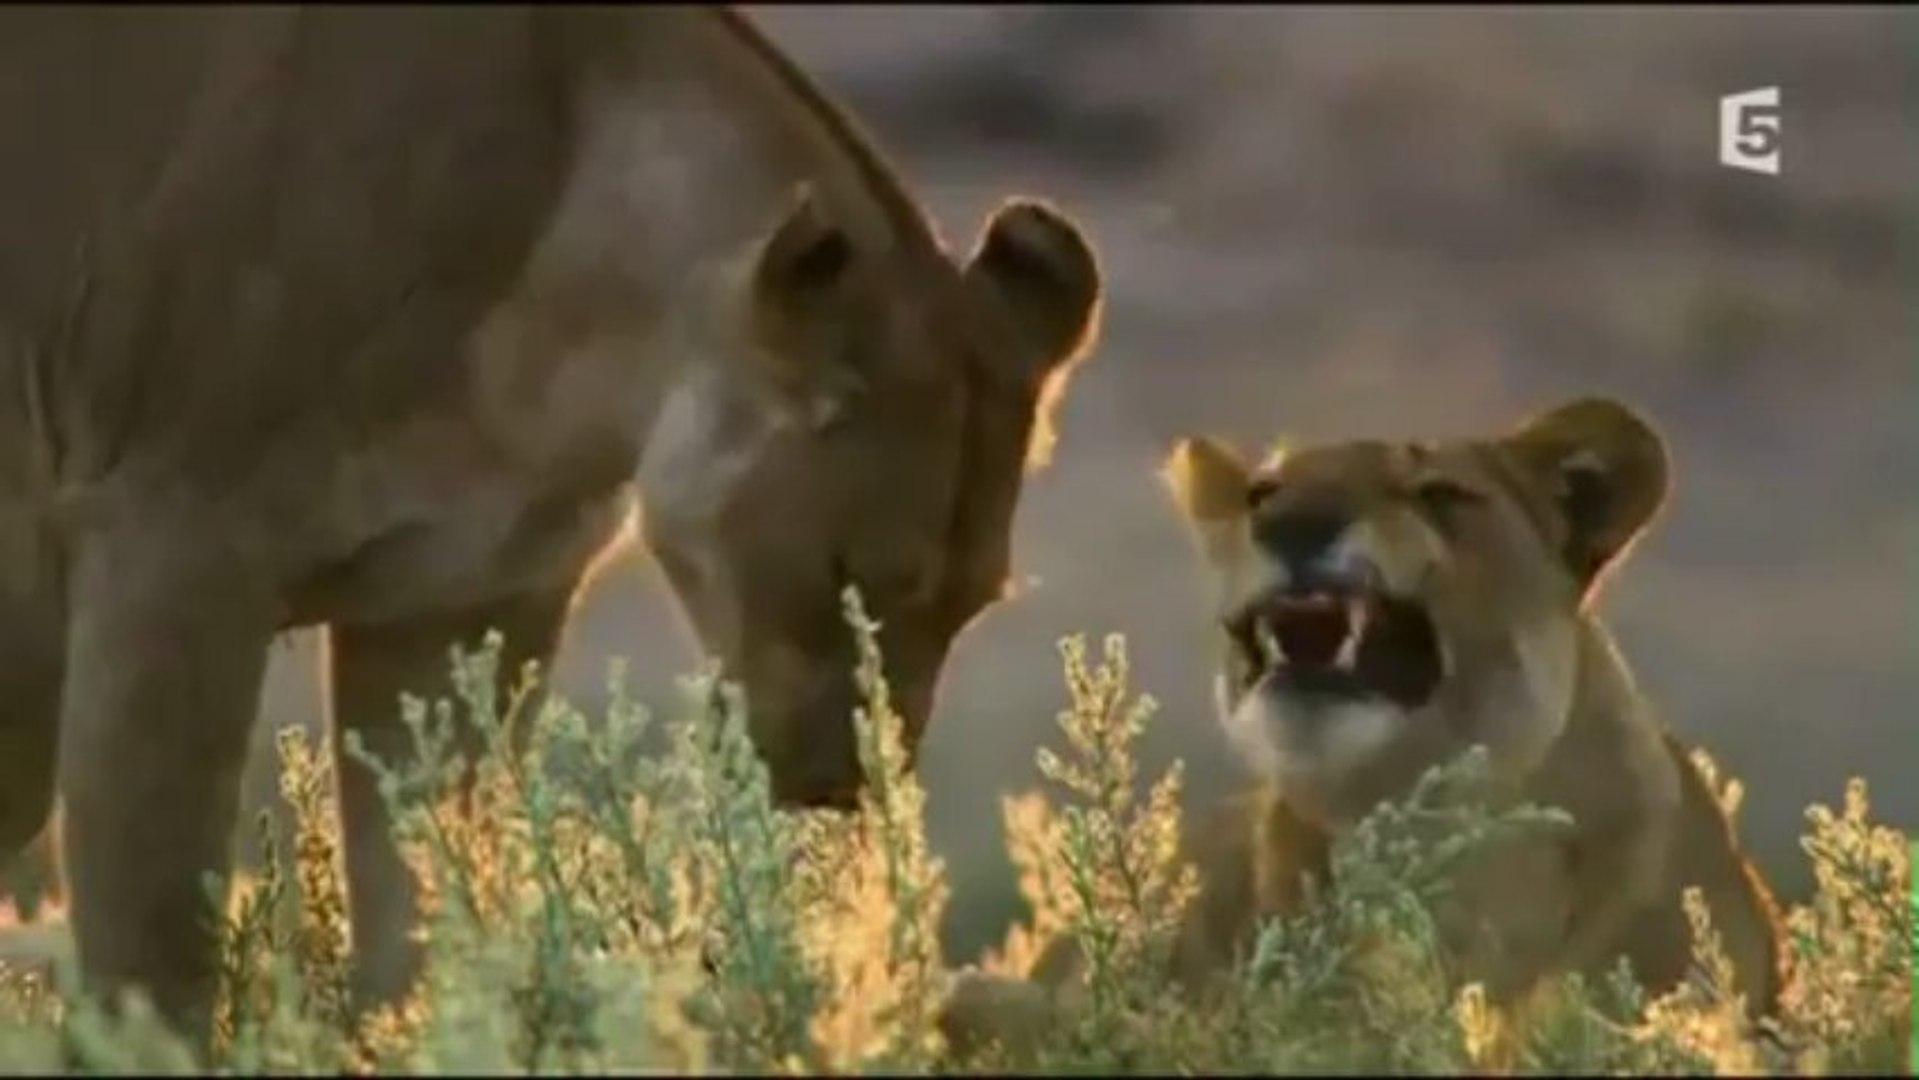 Les prédateurs de la savane, une lutte pour la survie documentaire complet  en francais